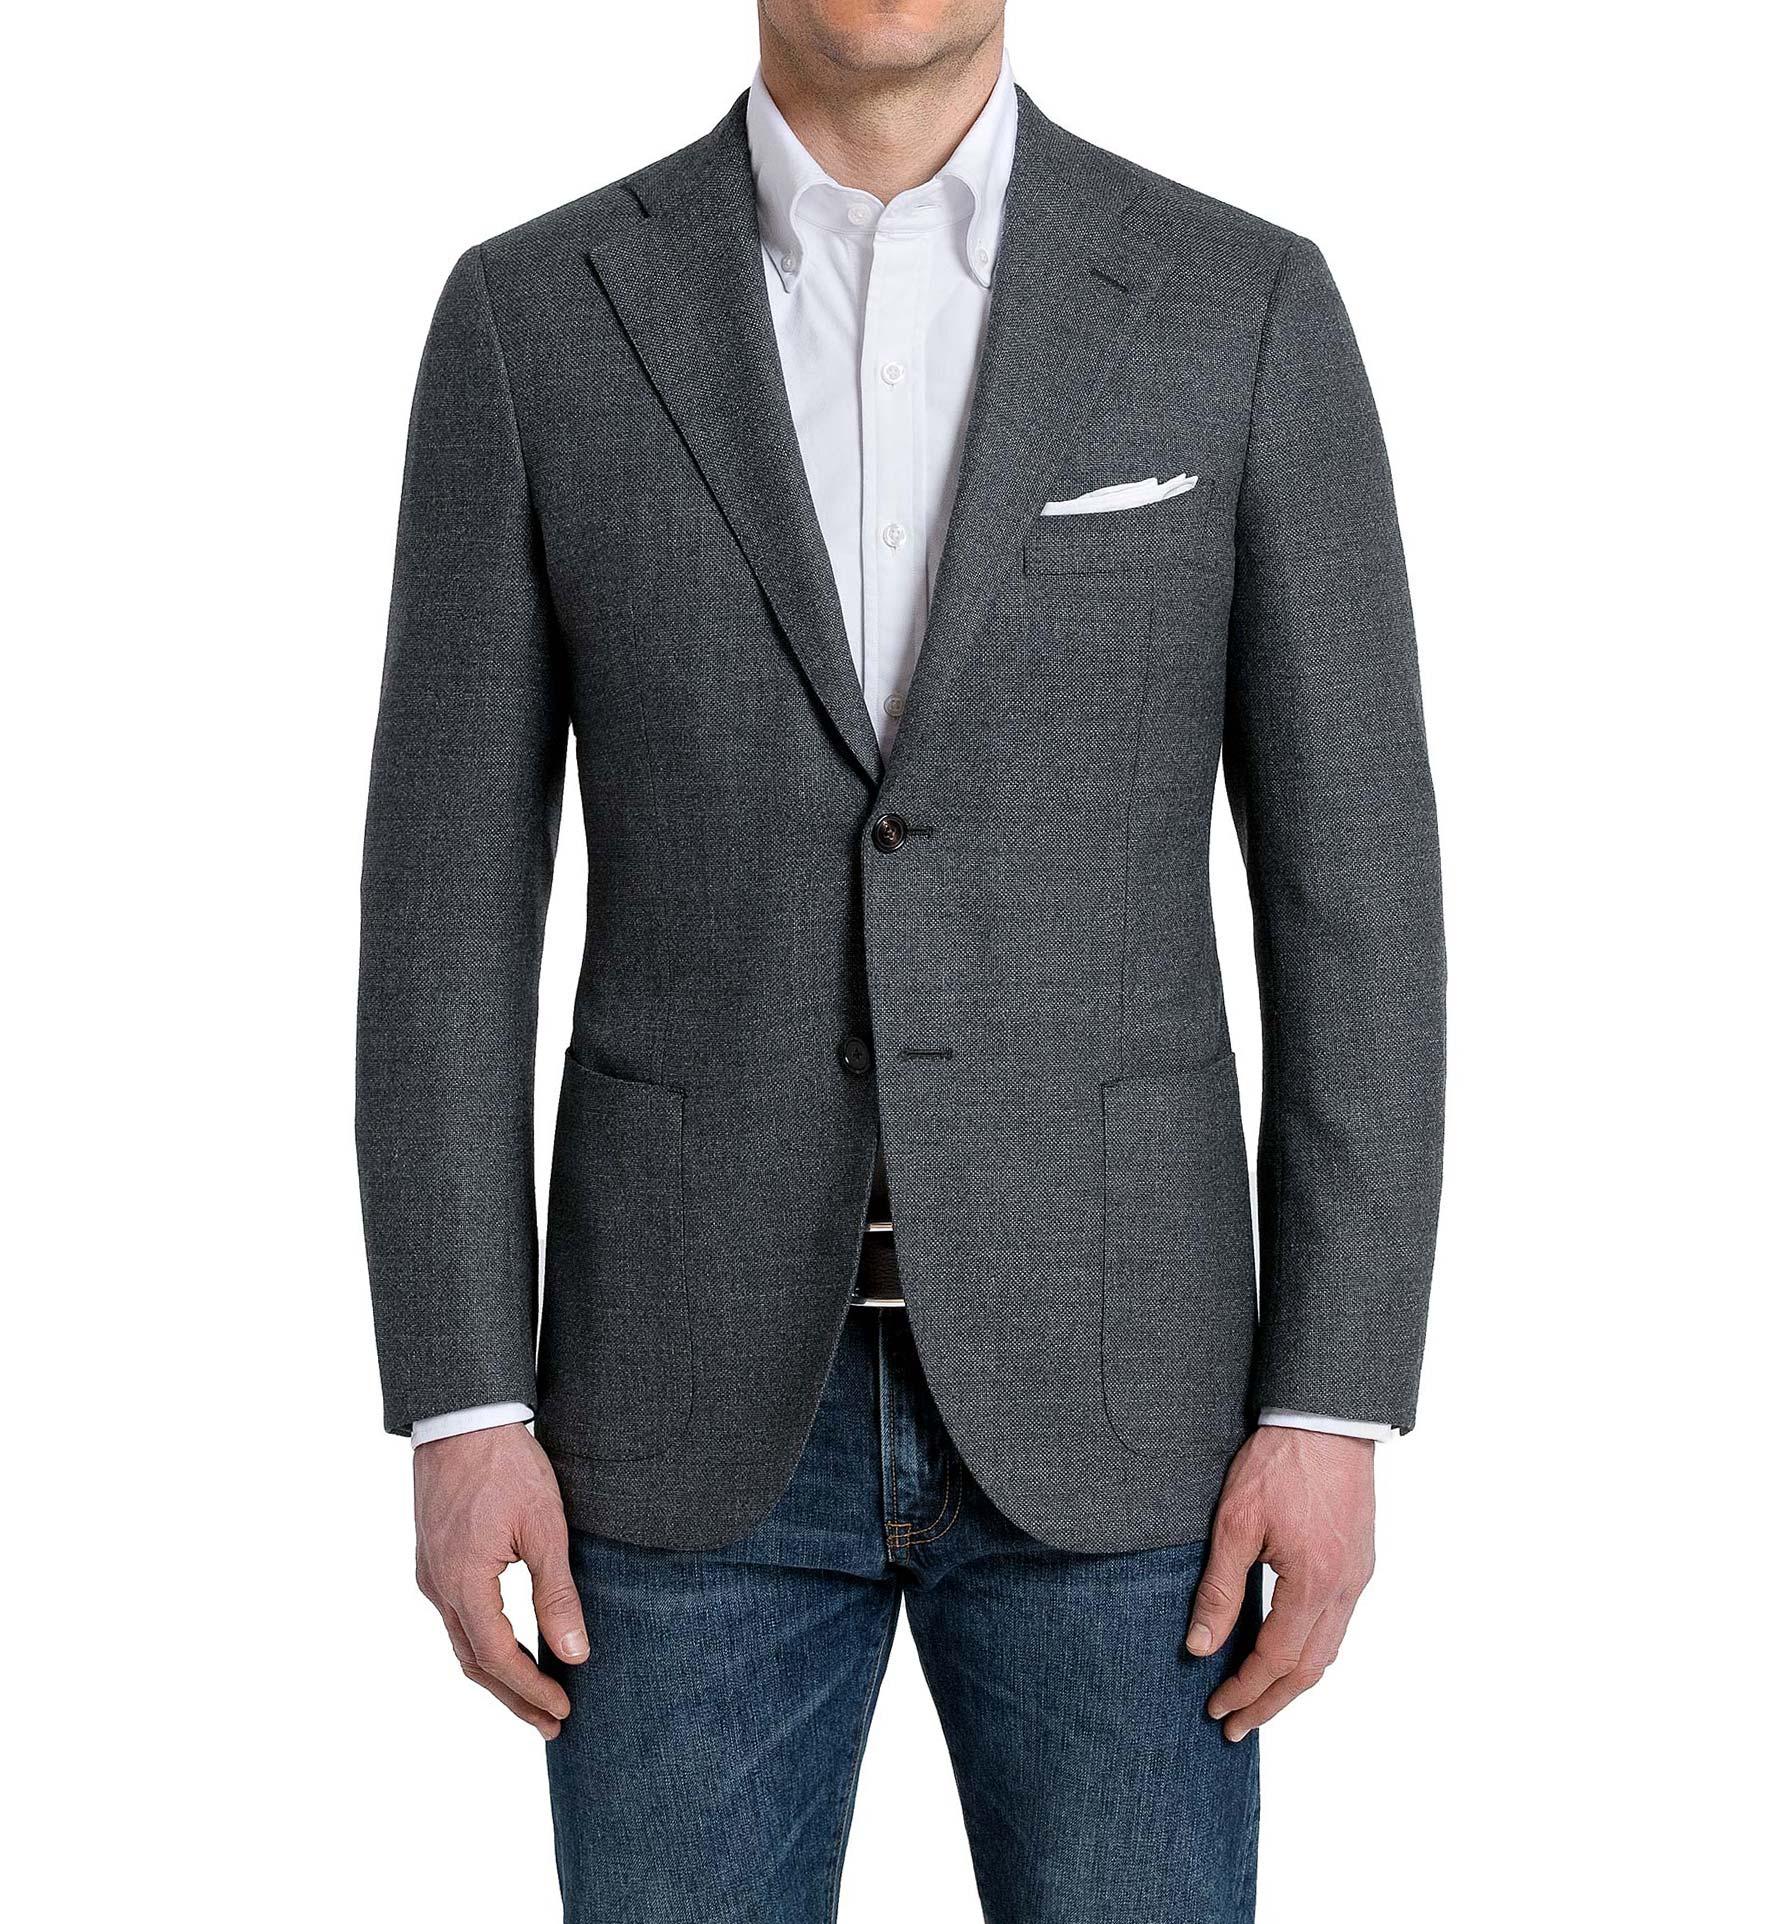 Zoom Image of Bedford Grey Brushed Hopsack Jacket